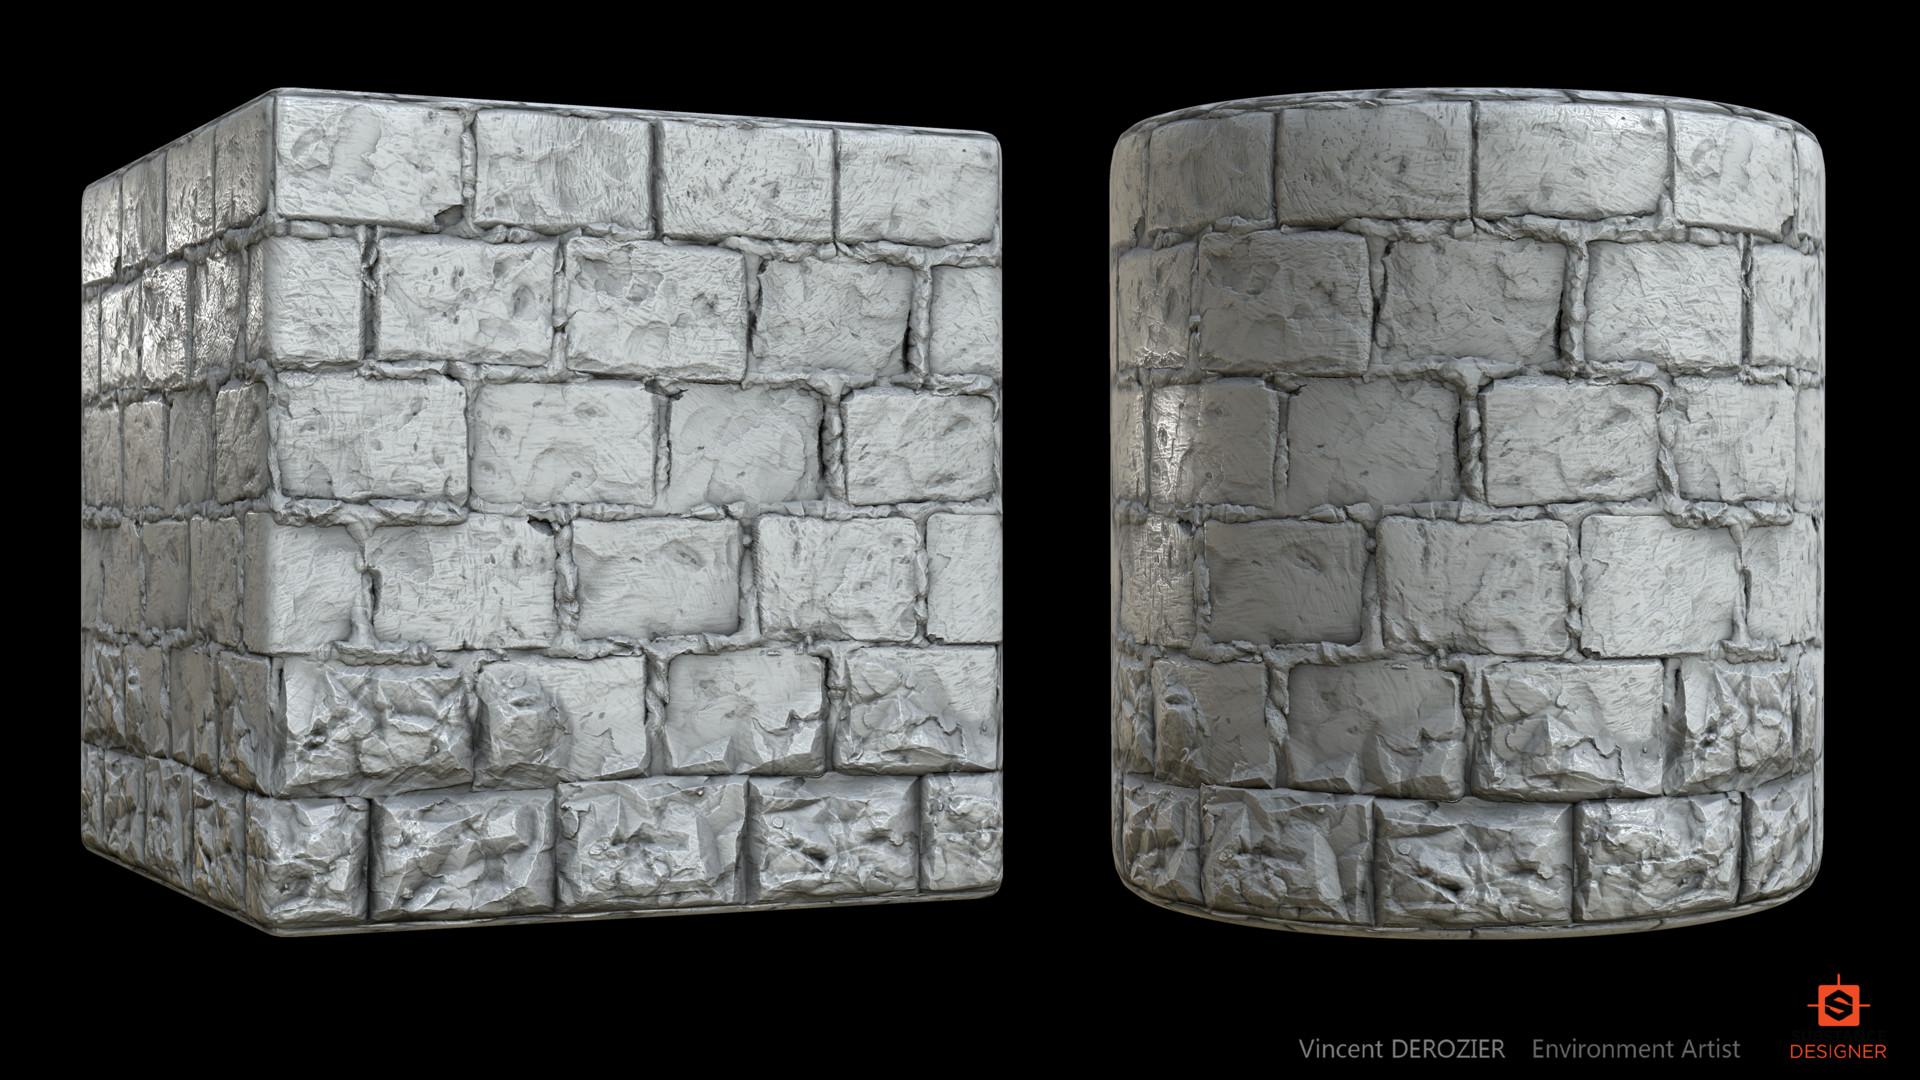 Vincent derozier 11 wallstone 01